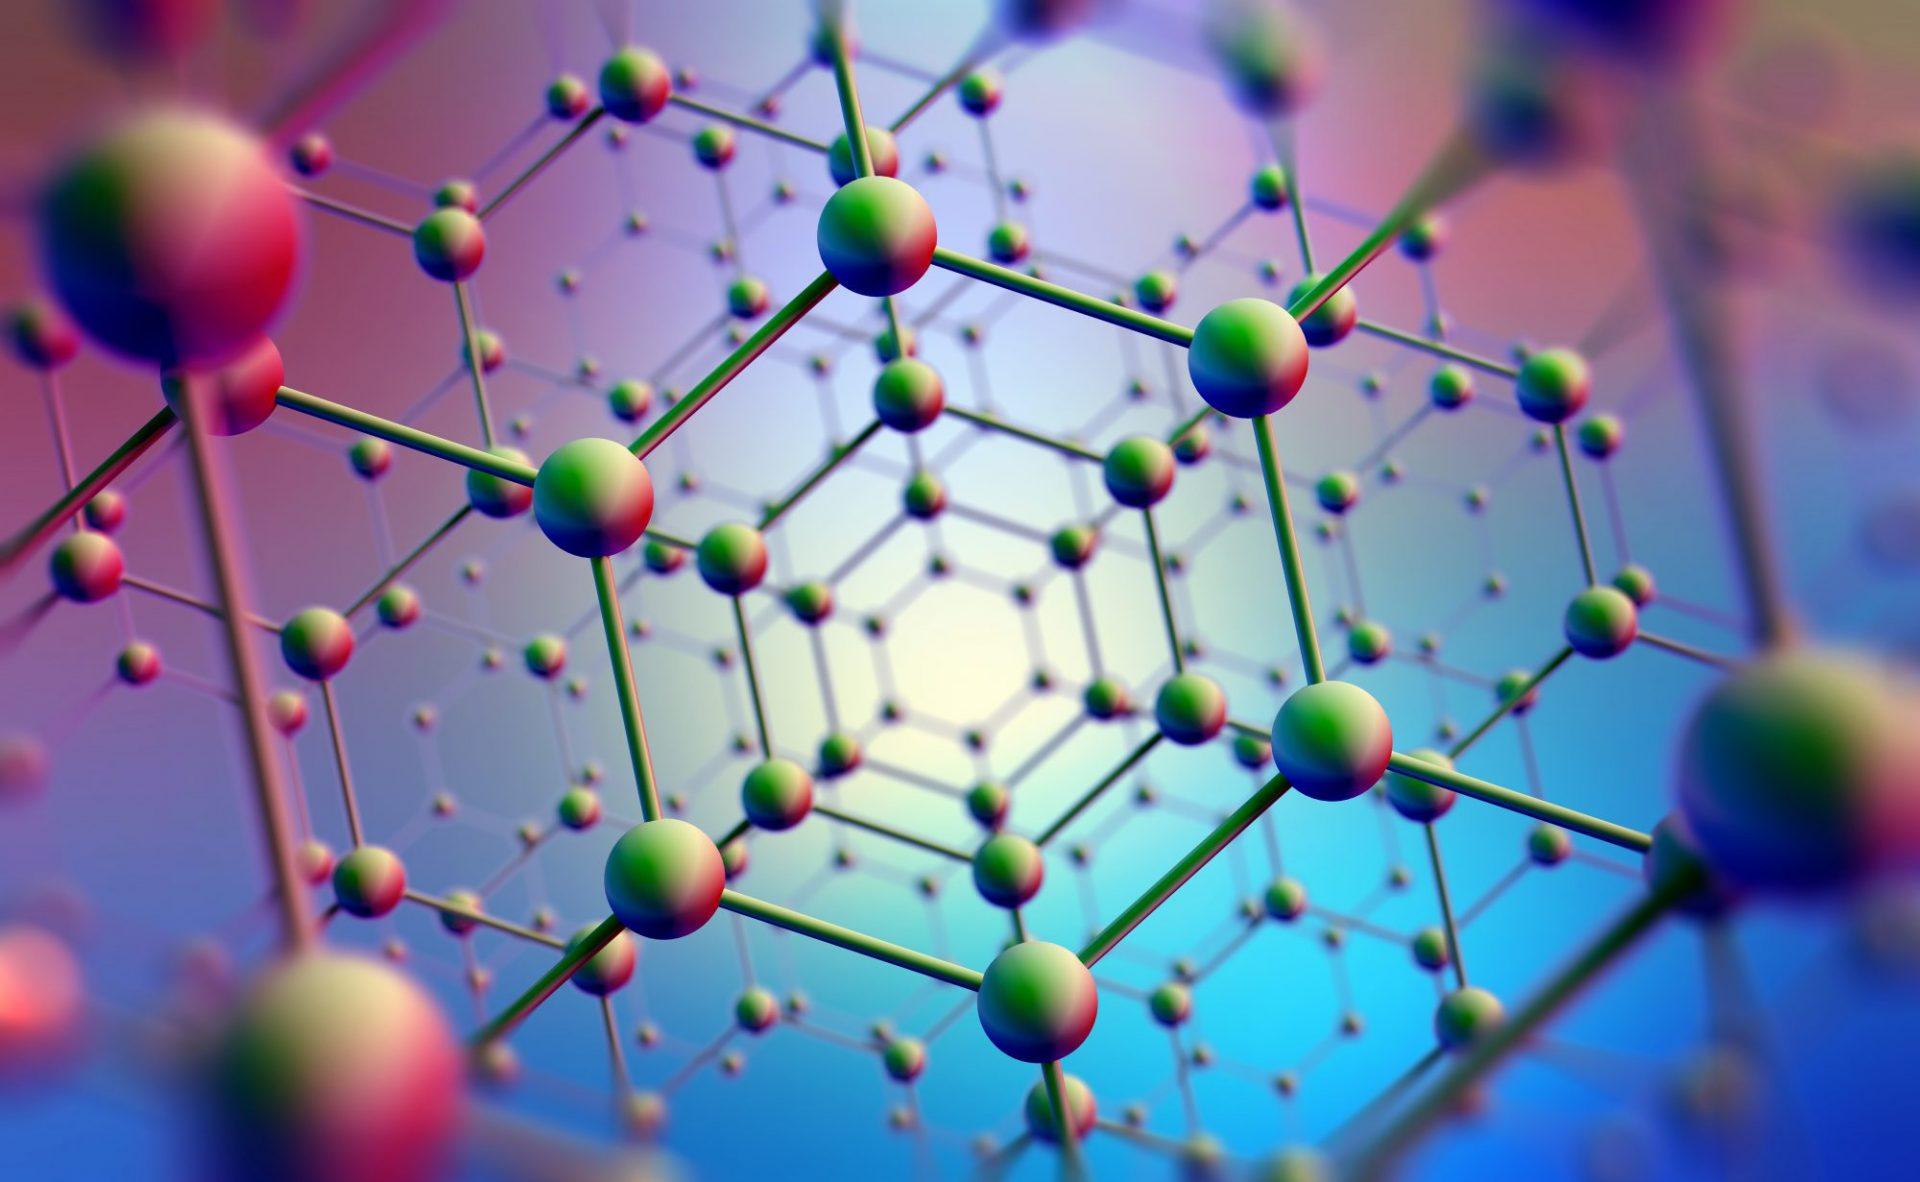 Nanotecnologia na engenharia civil: das fachadas à despoluição de águas superficiais